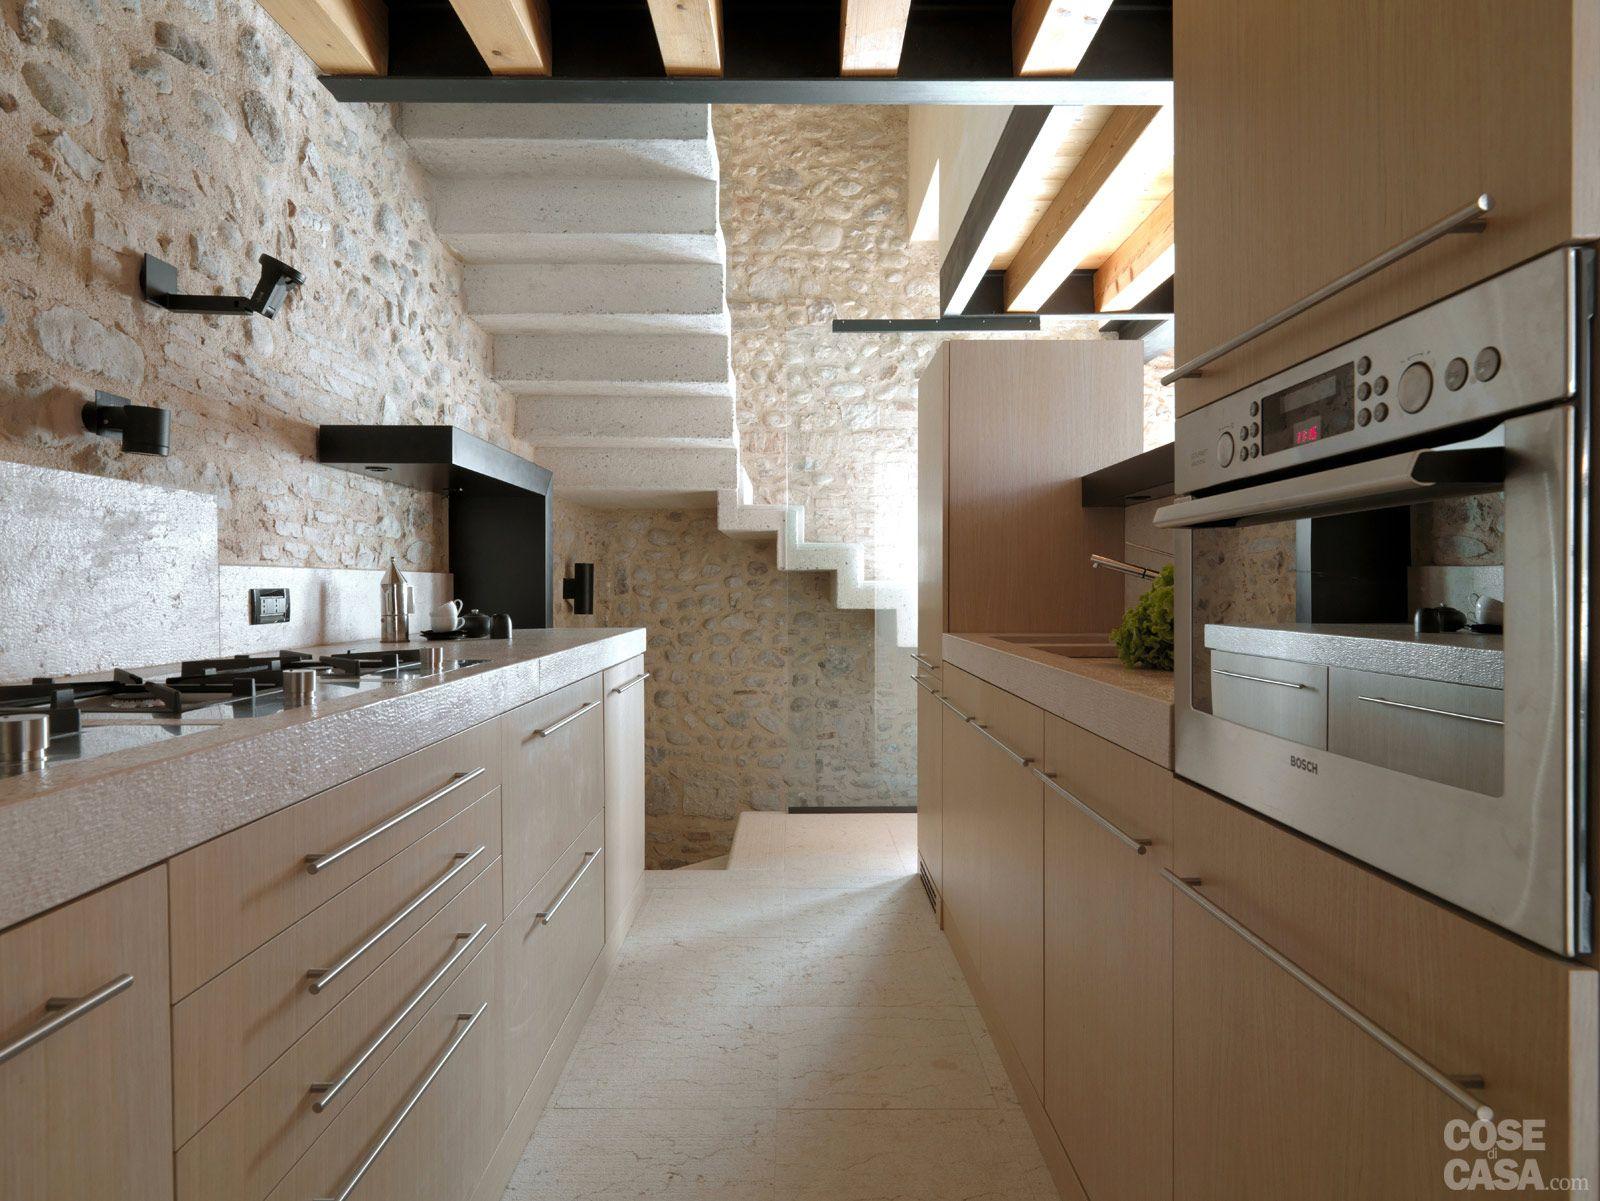 Legno e pietra a vista nella casa restaurata - Cose di Casa | Idee ...